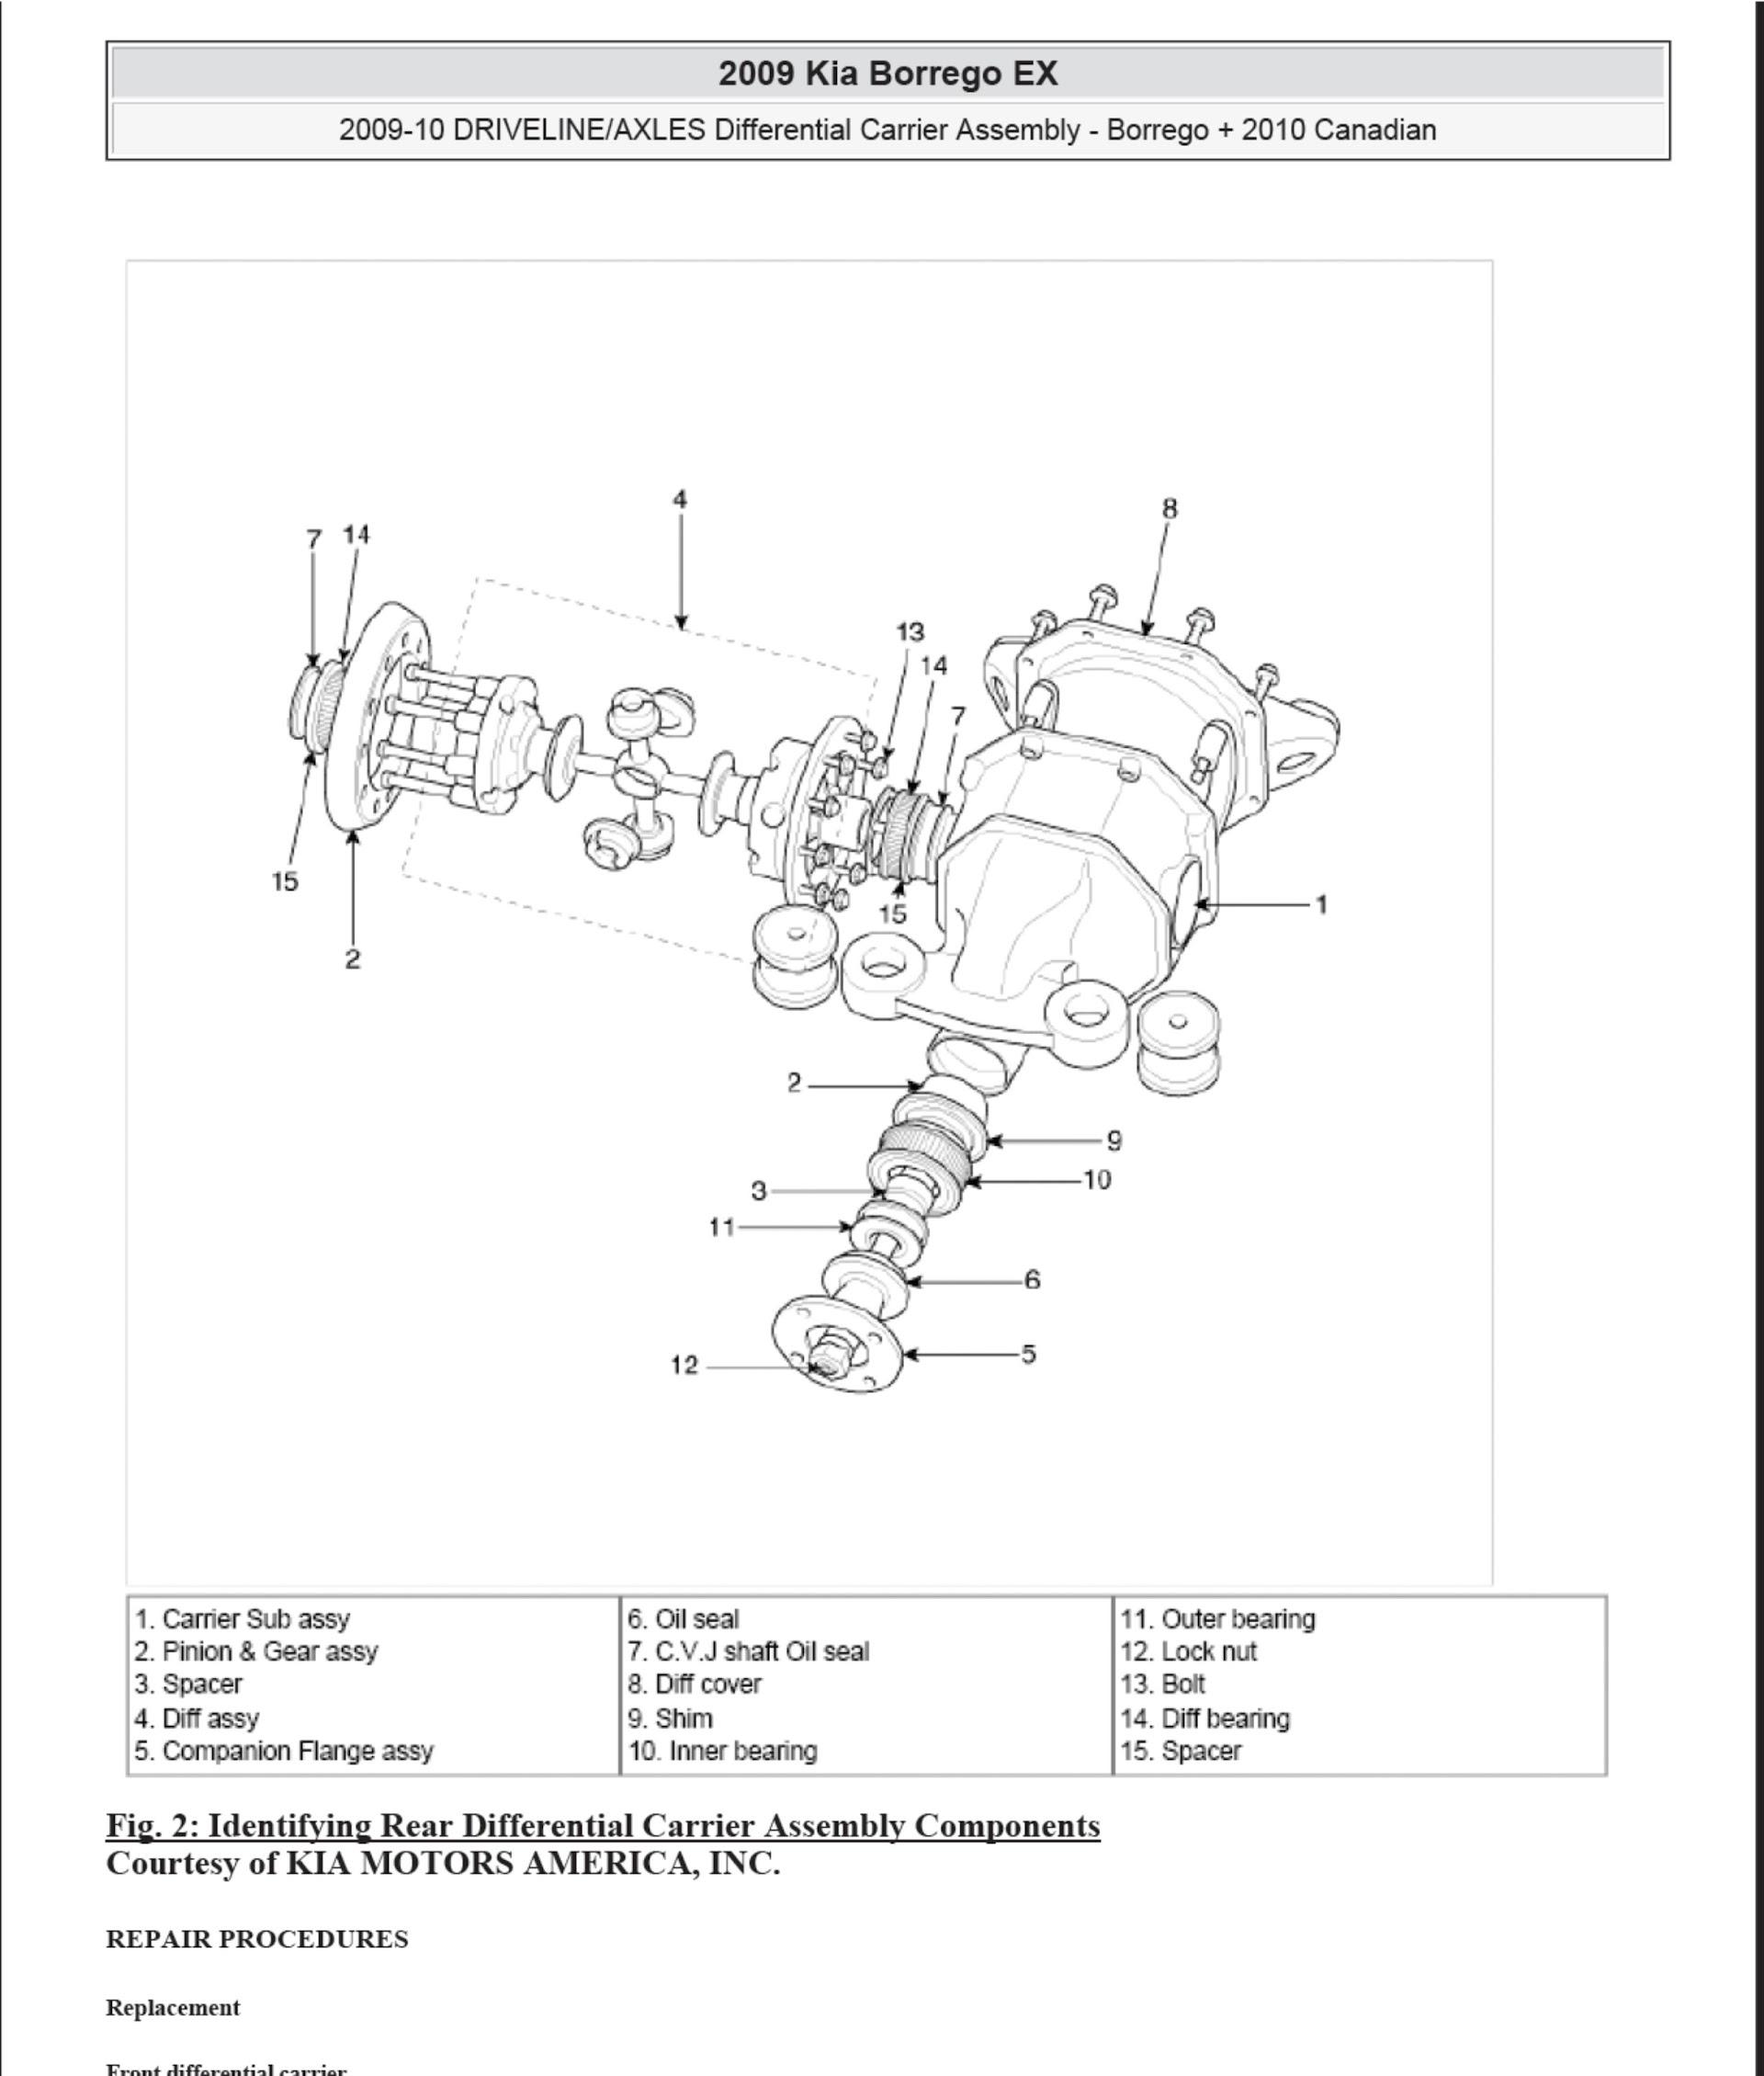 Download 2008-2010 Kia Borrego (Mohave) Repair Manual